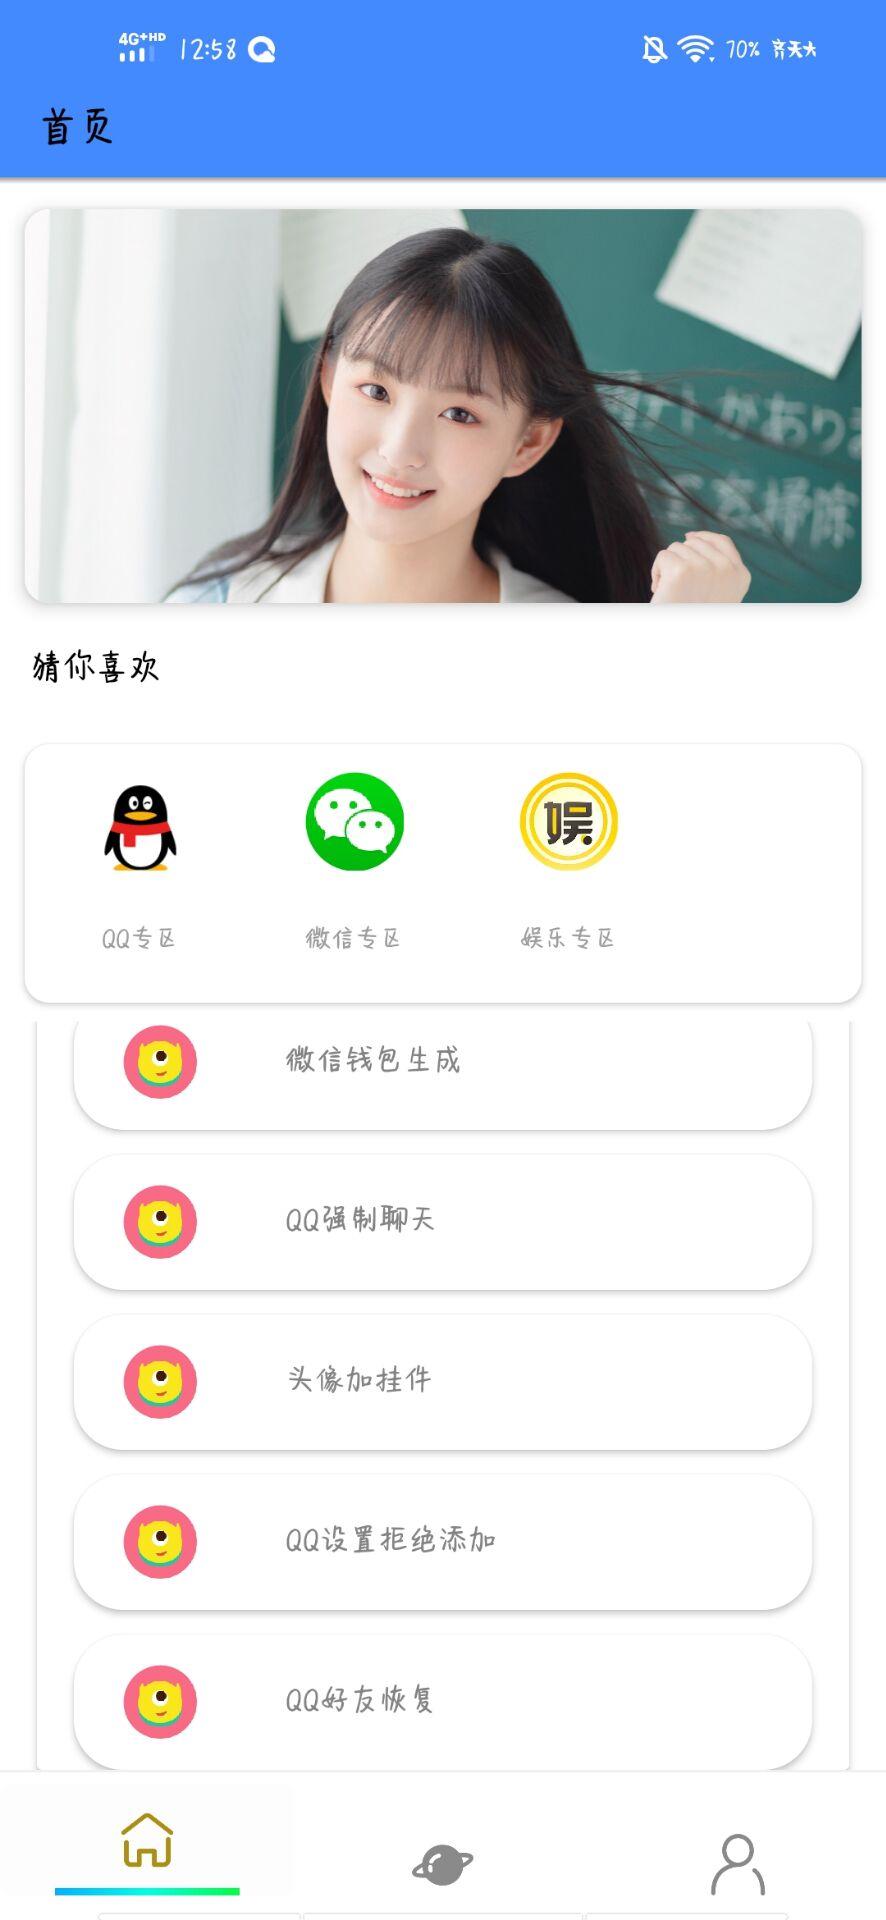 【分享】QQ工具箱1.3强度归来!超多工具任你用!